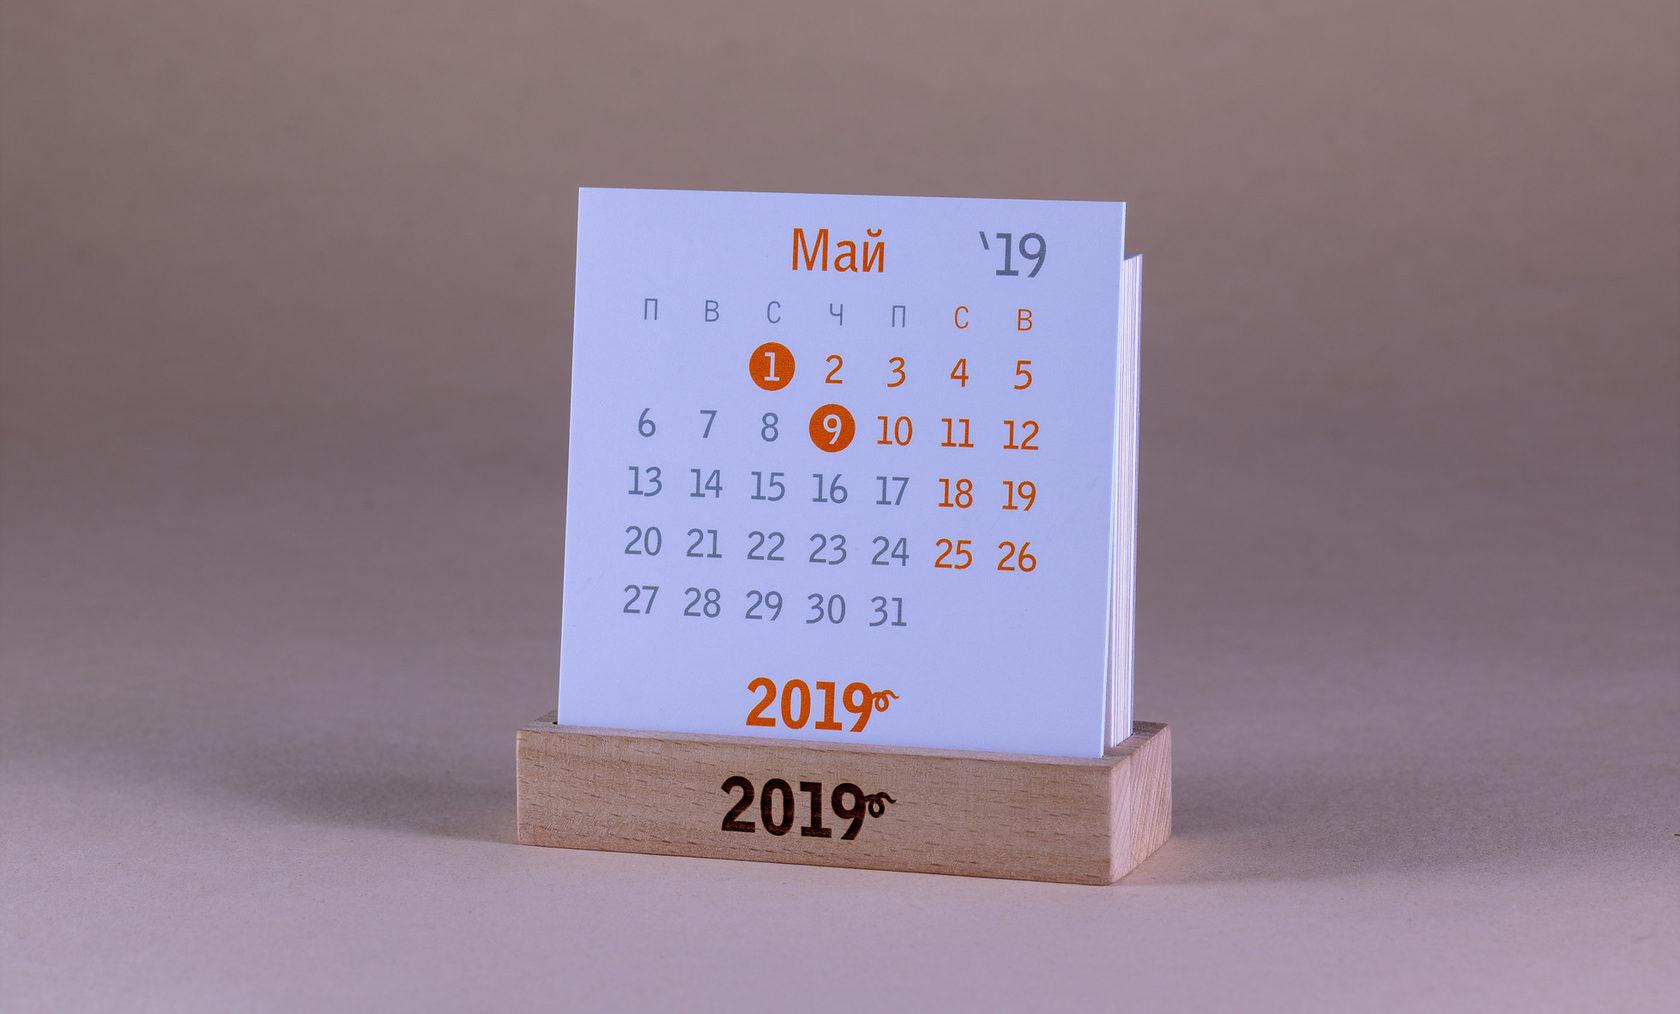 Настольный календарь Май